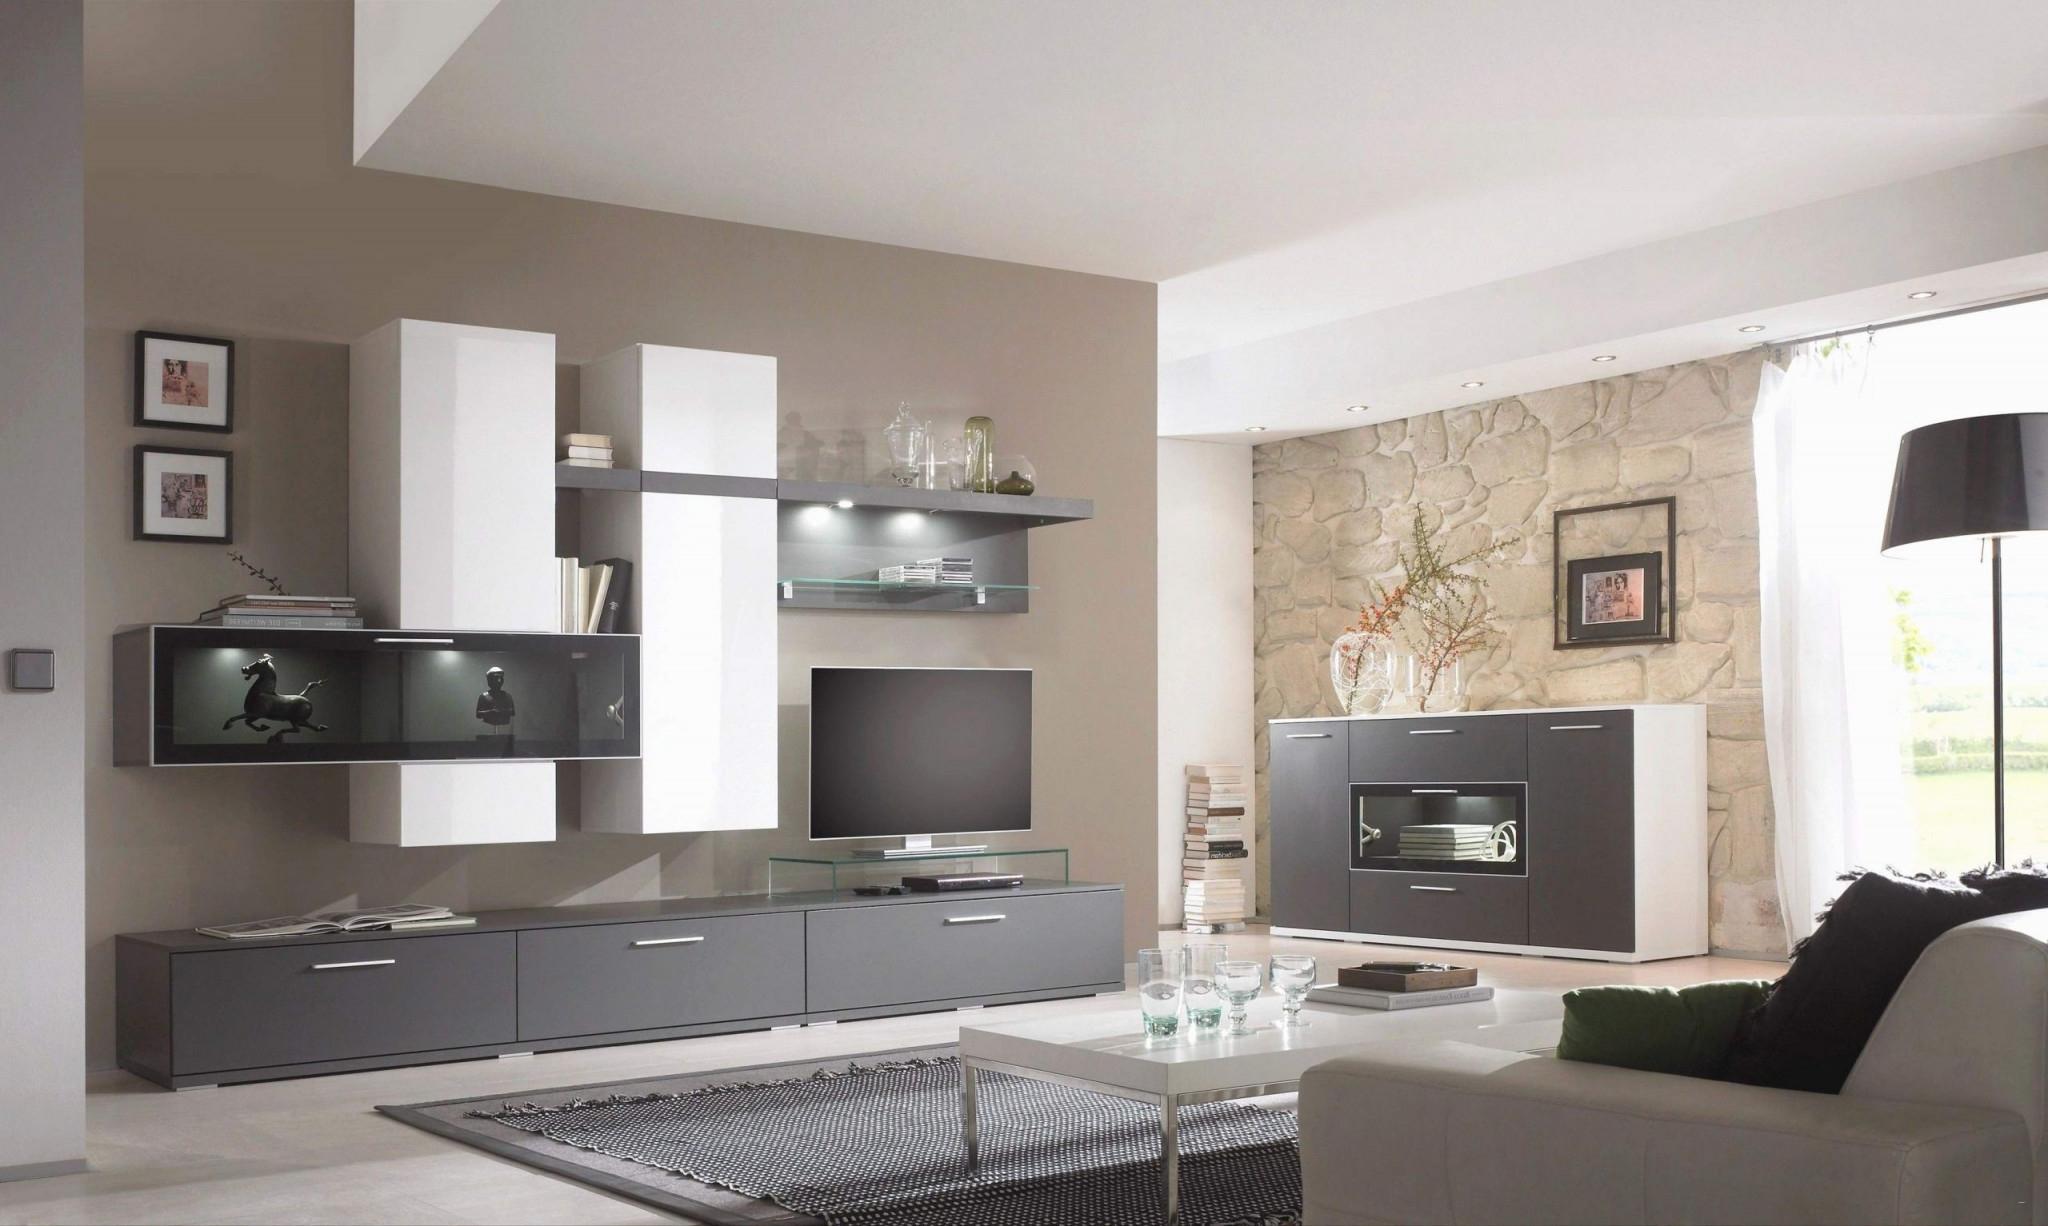 40 Genial Wohnzimmer Farblich Gestalten Das Beste Von von Wohnzimmer Wände Farbig Gestalten Bild